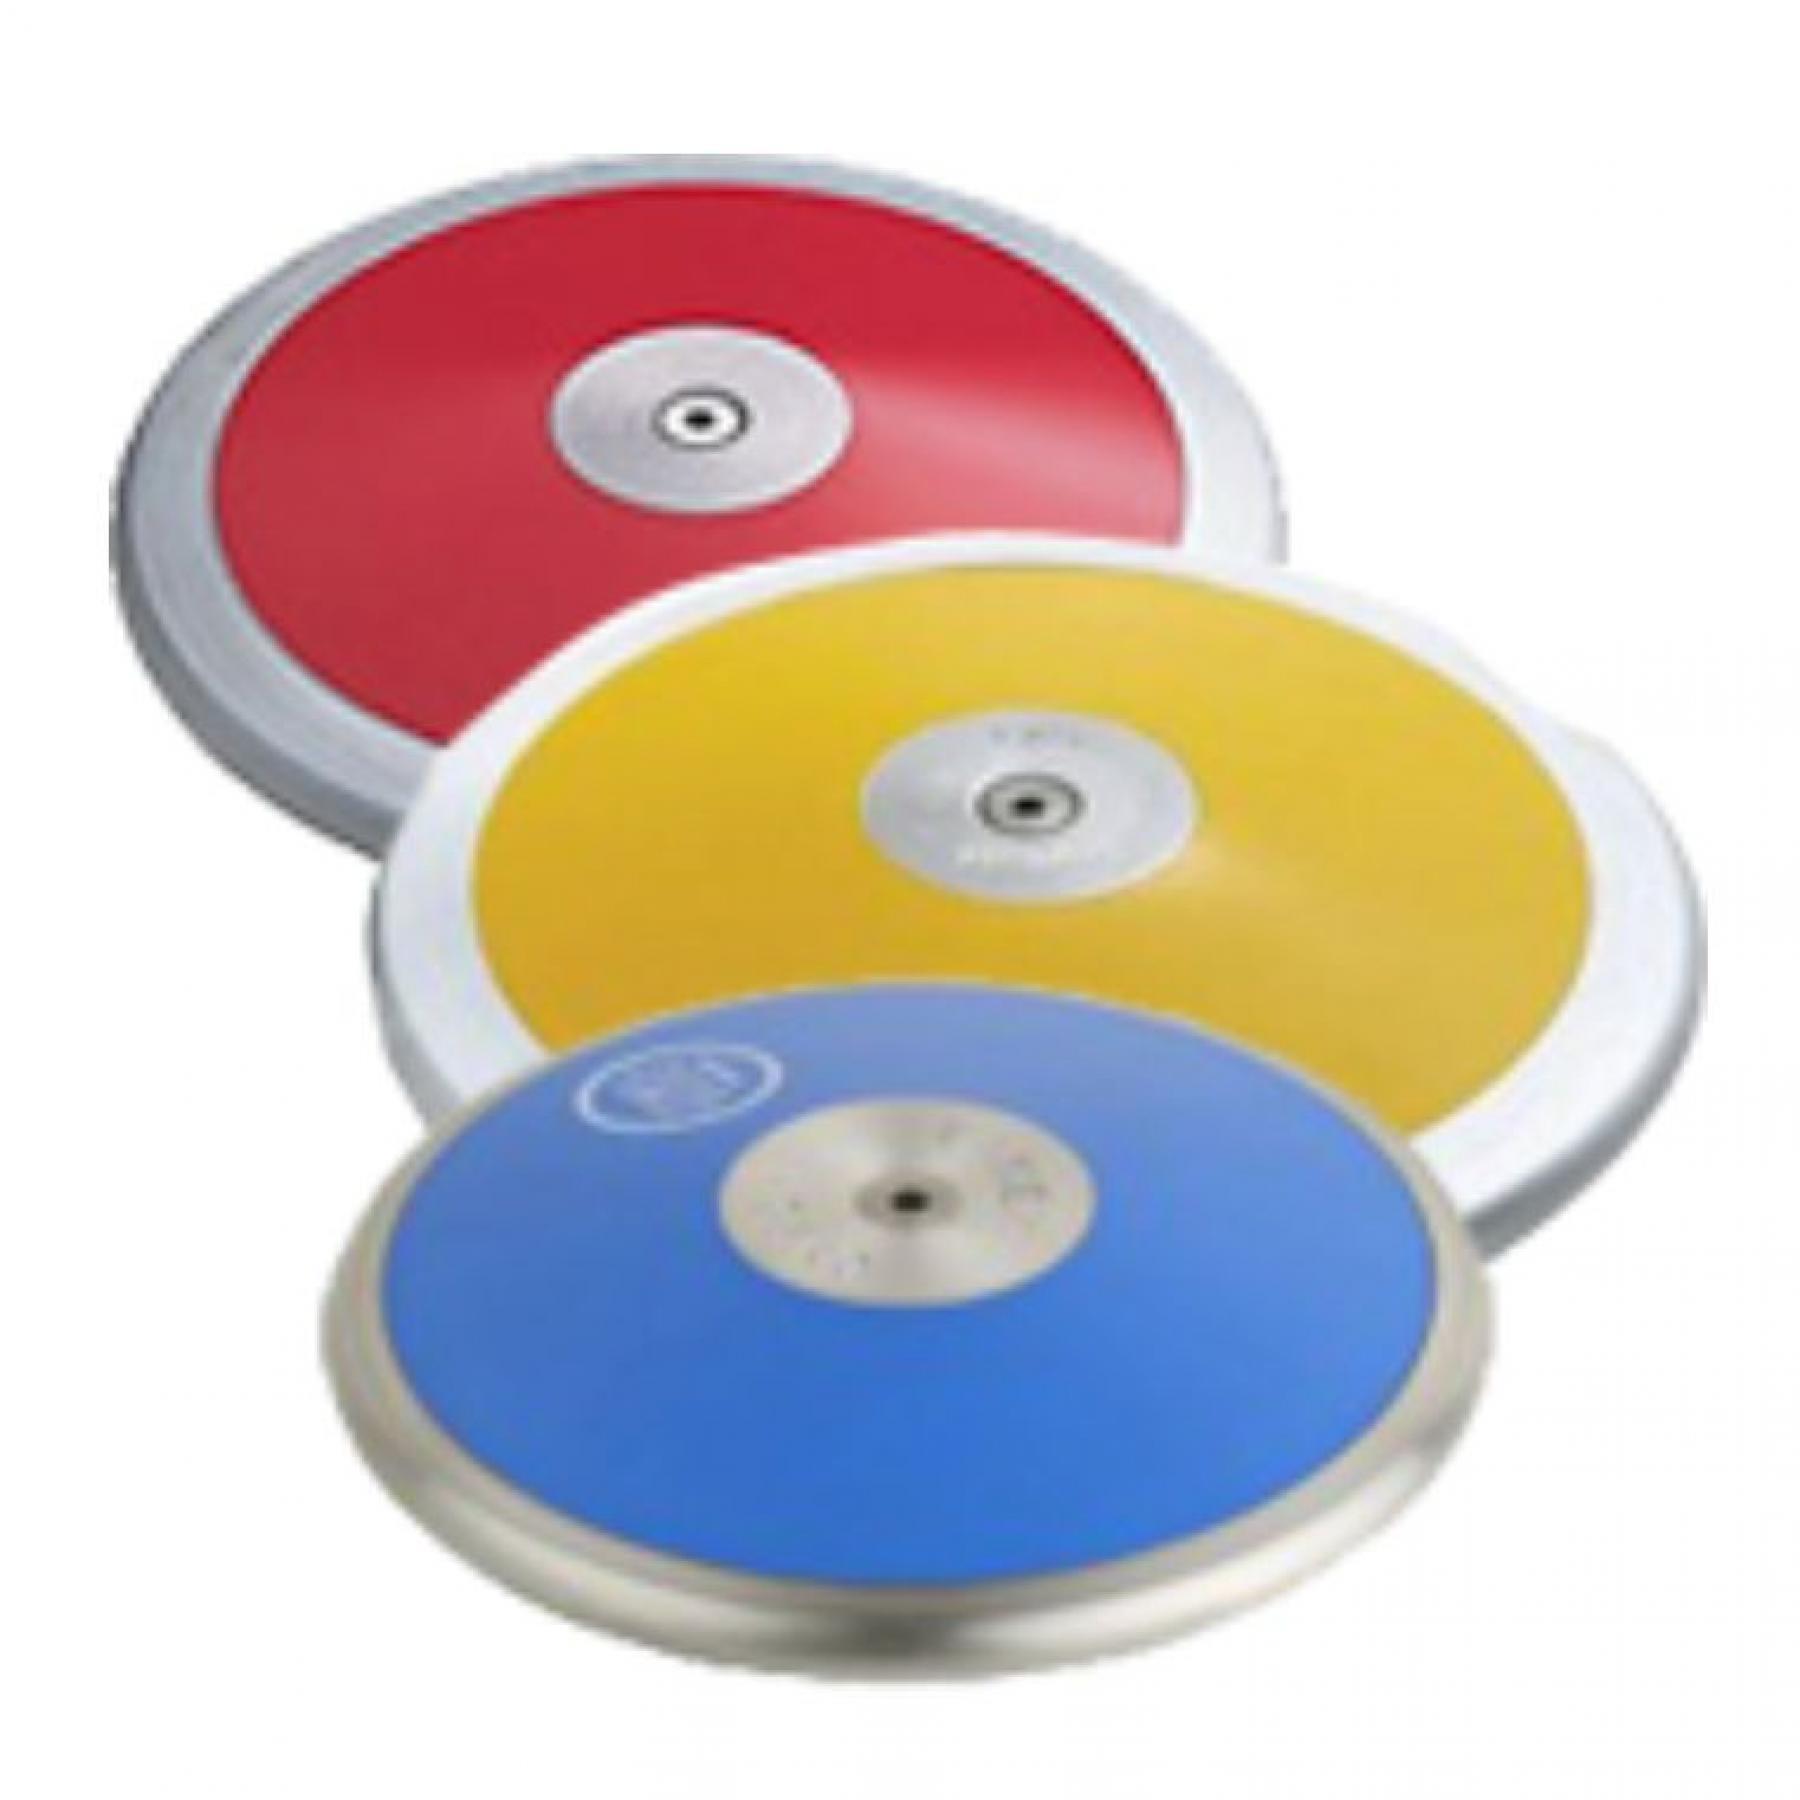 Discus Comp 0.75kg